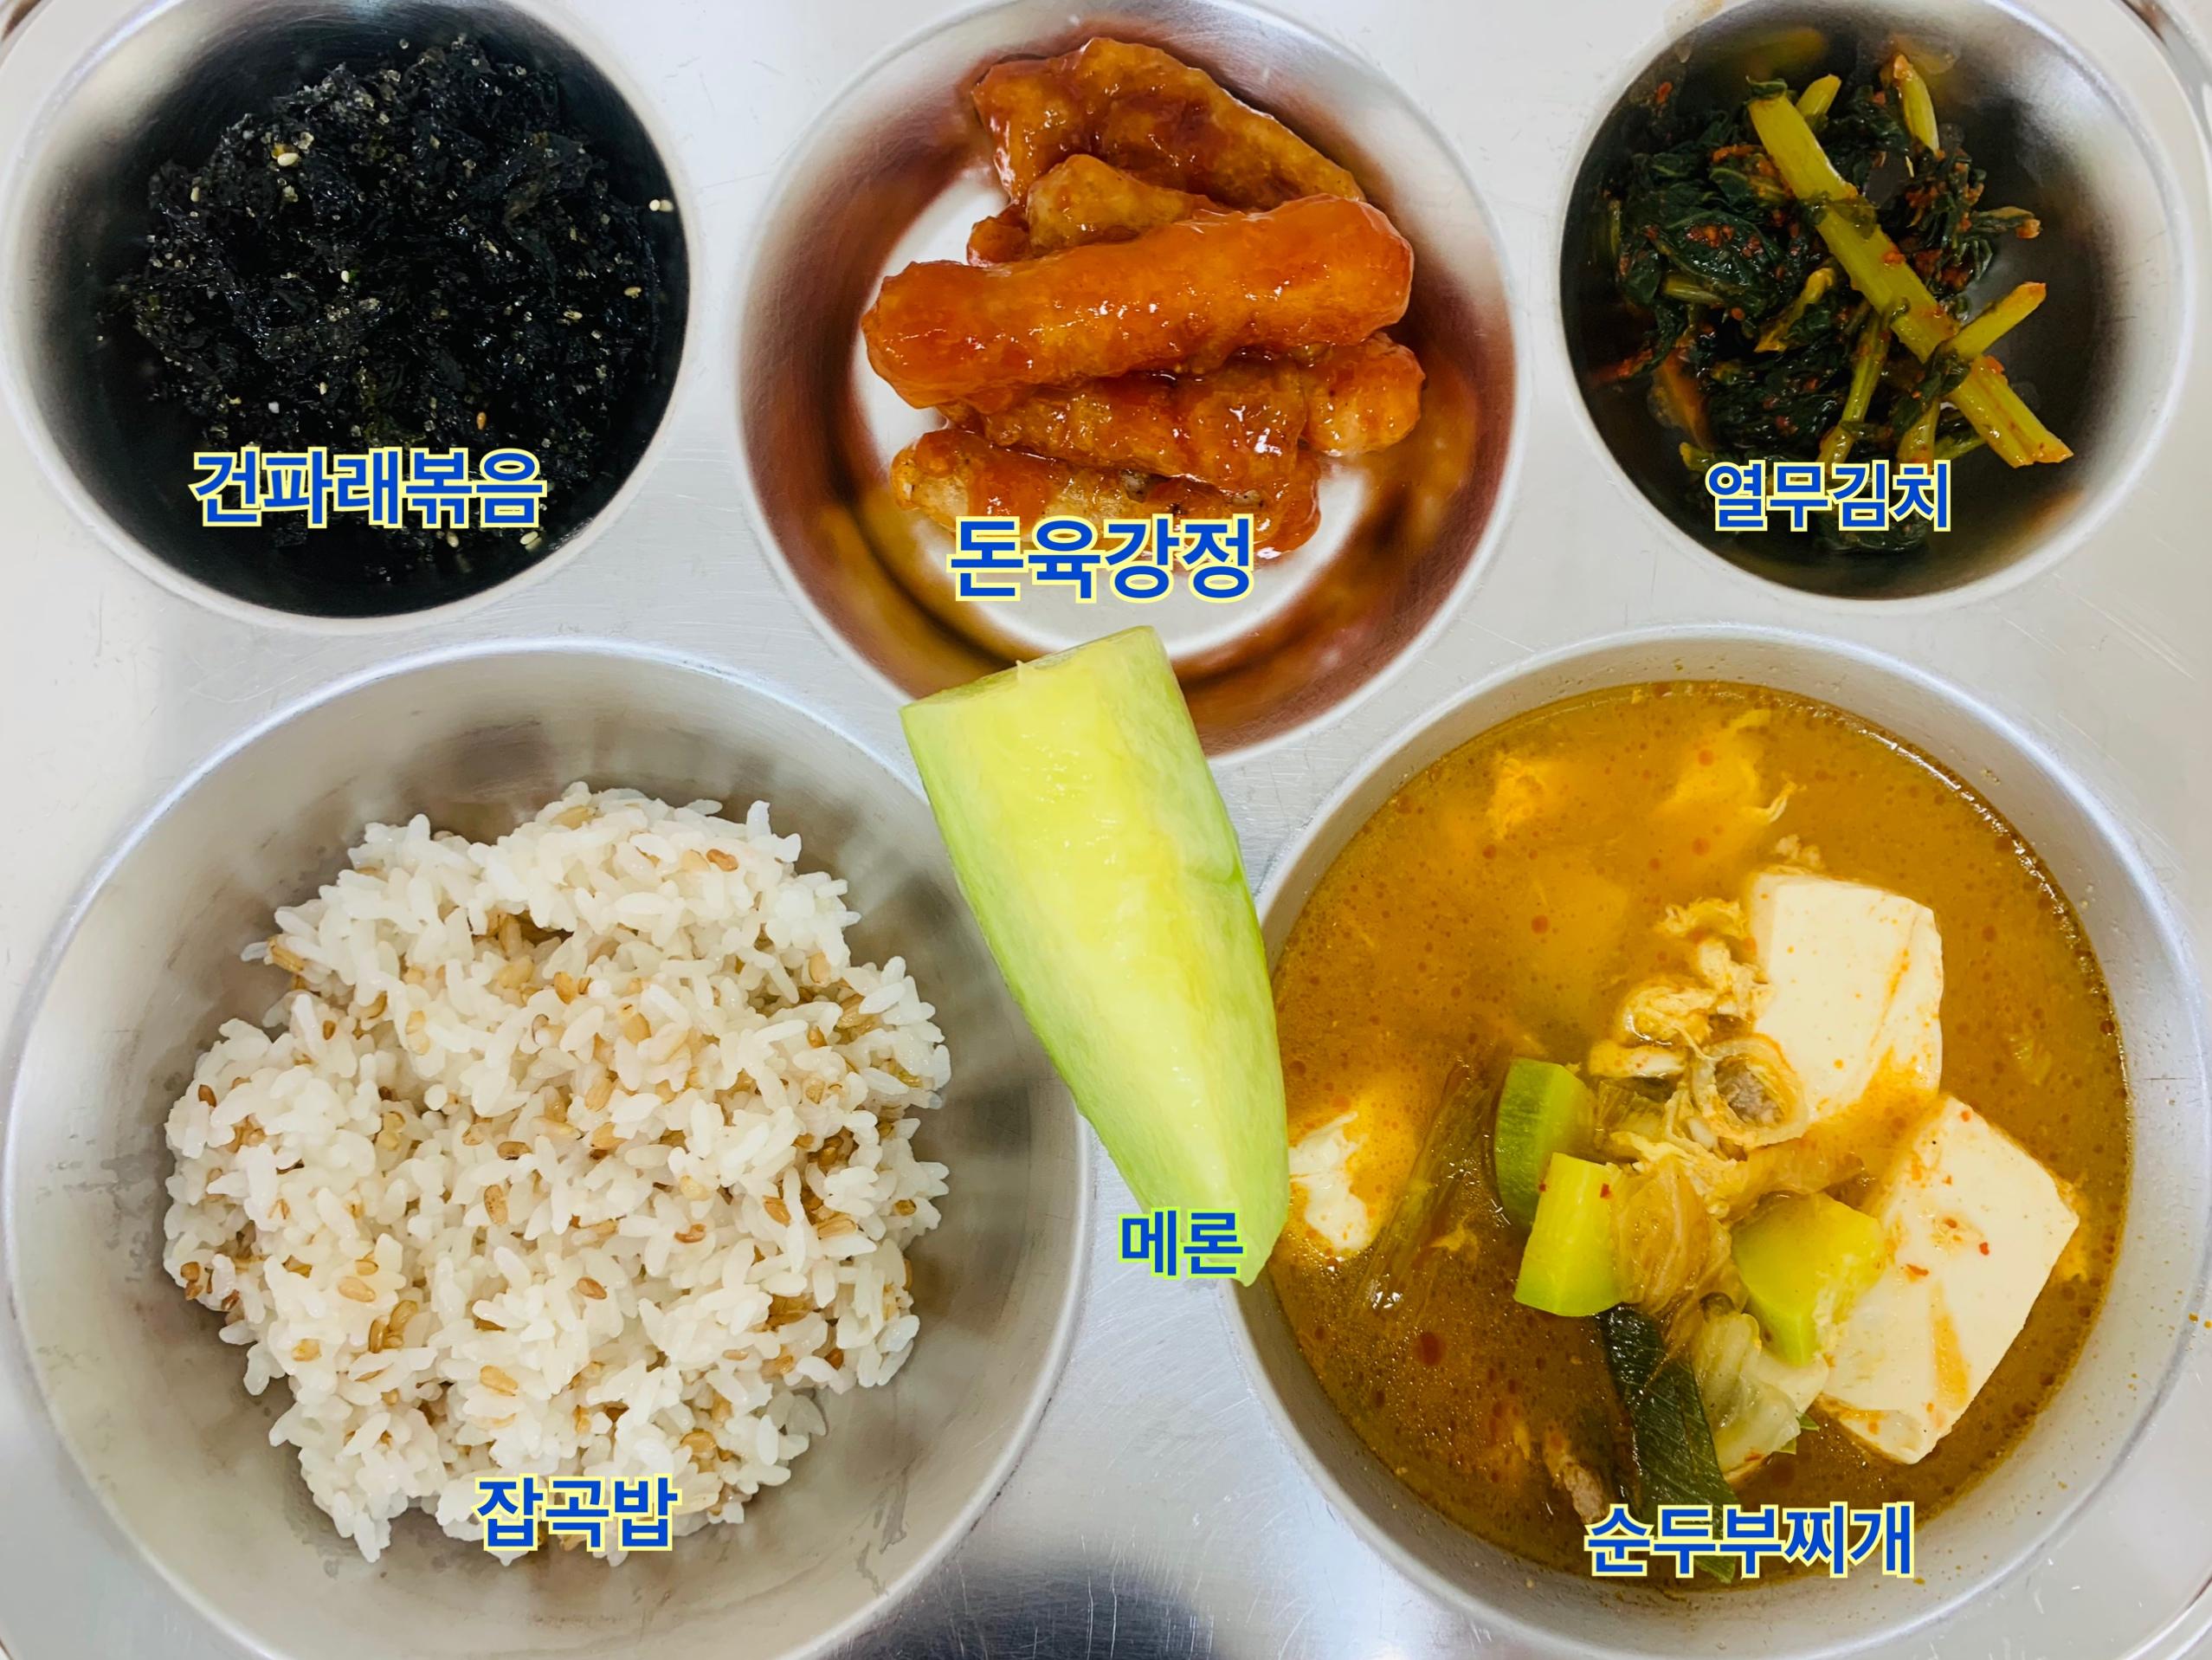 [일반] 7월 15일 식단 안sㅐ의 첨부이미지 1